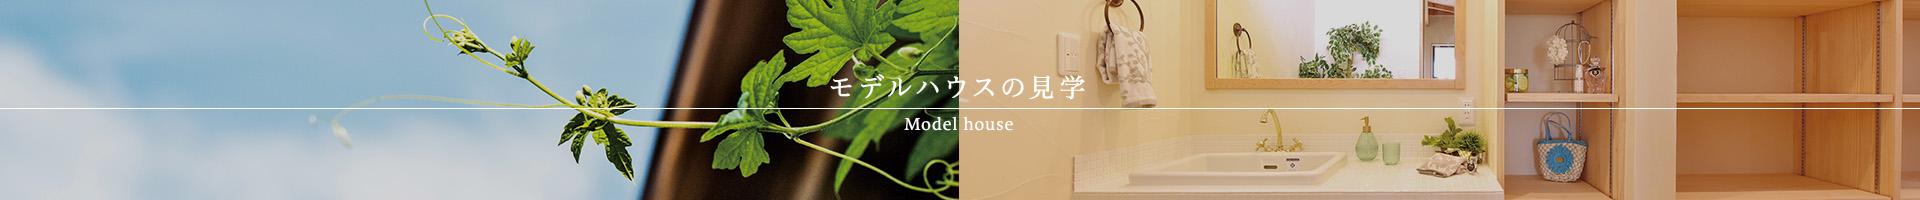 モデルハウスの見学